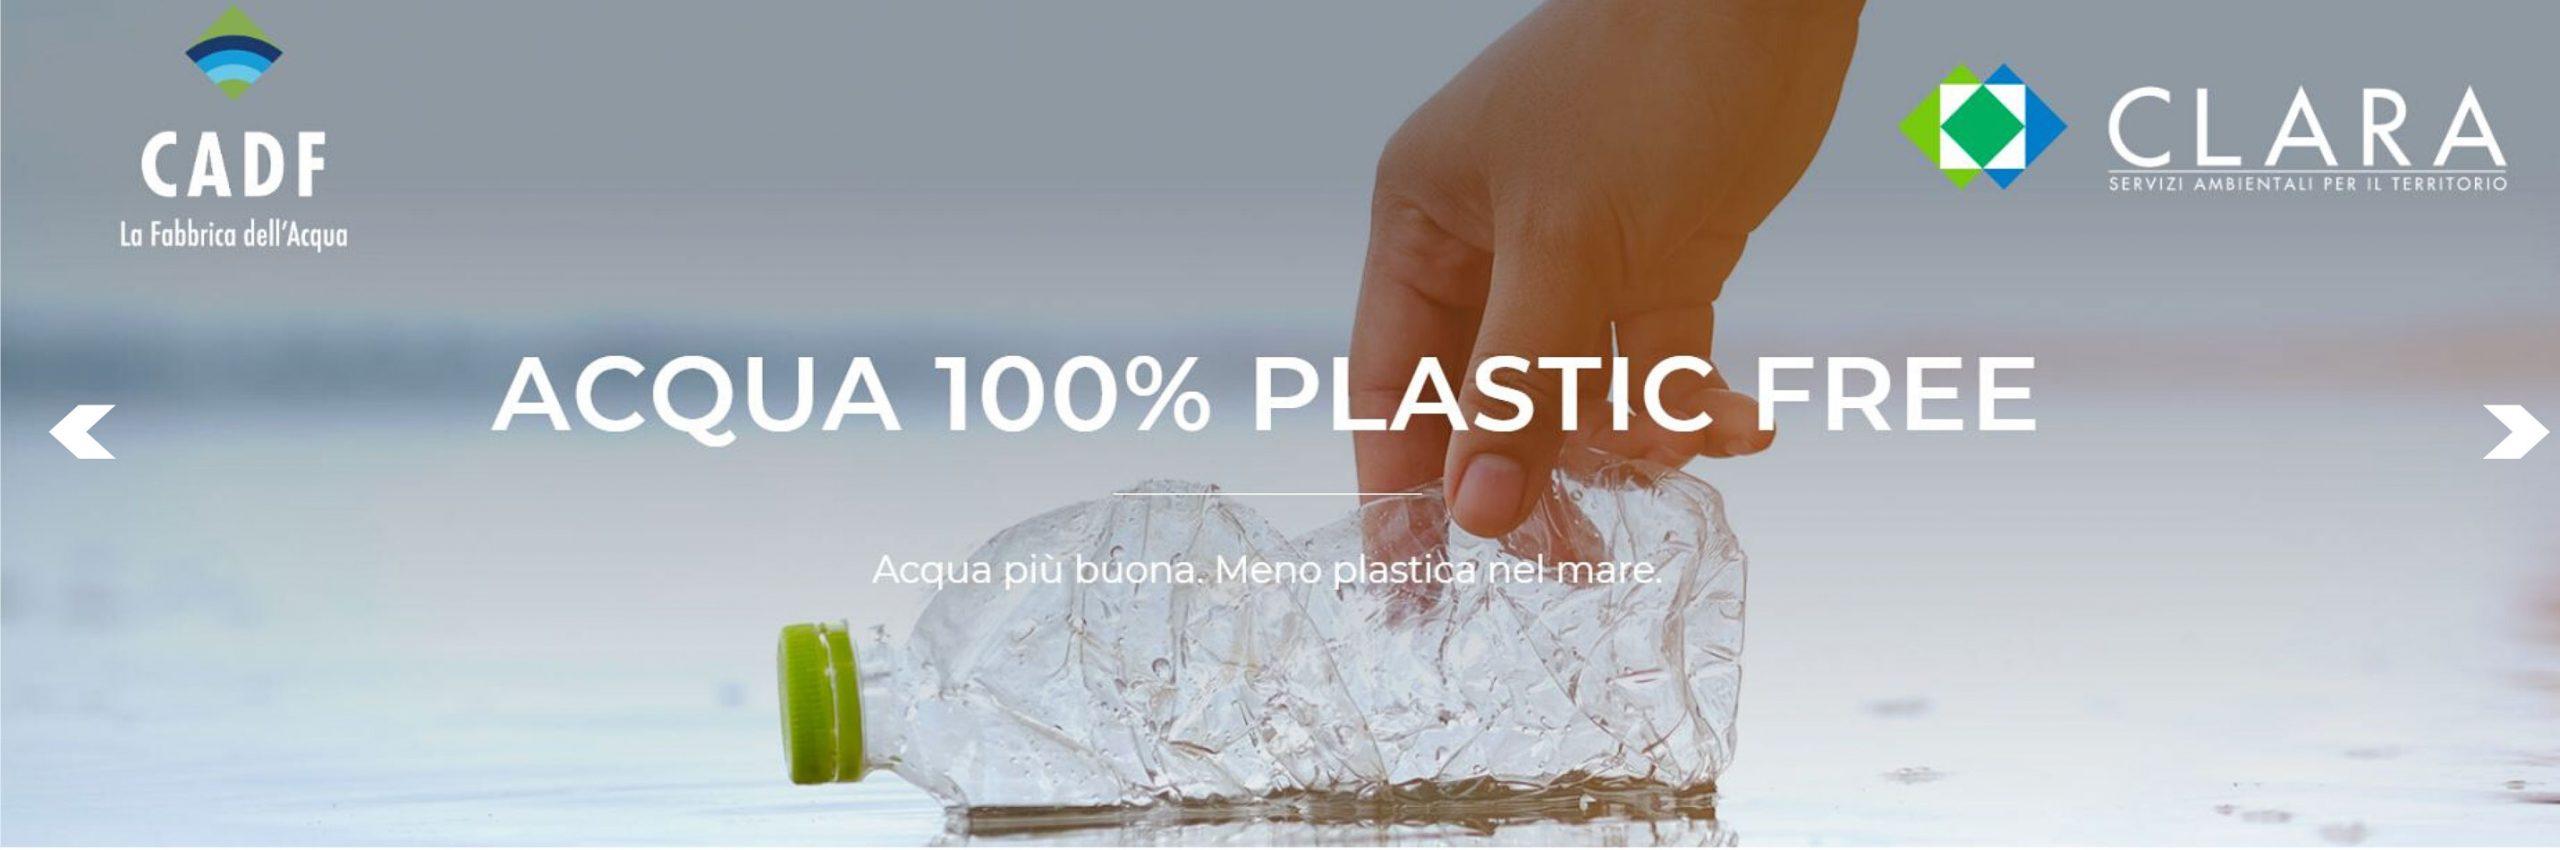 """Riparte il progetto """"Acqua 100% Plastic Free"""" sulle spiagge"""